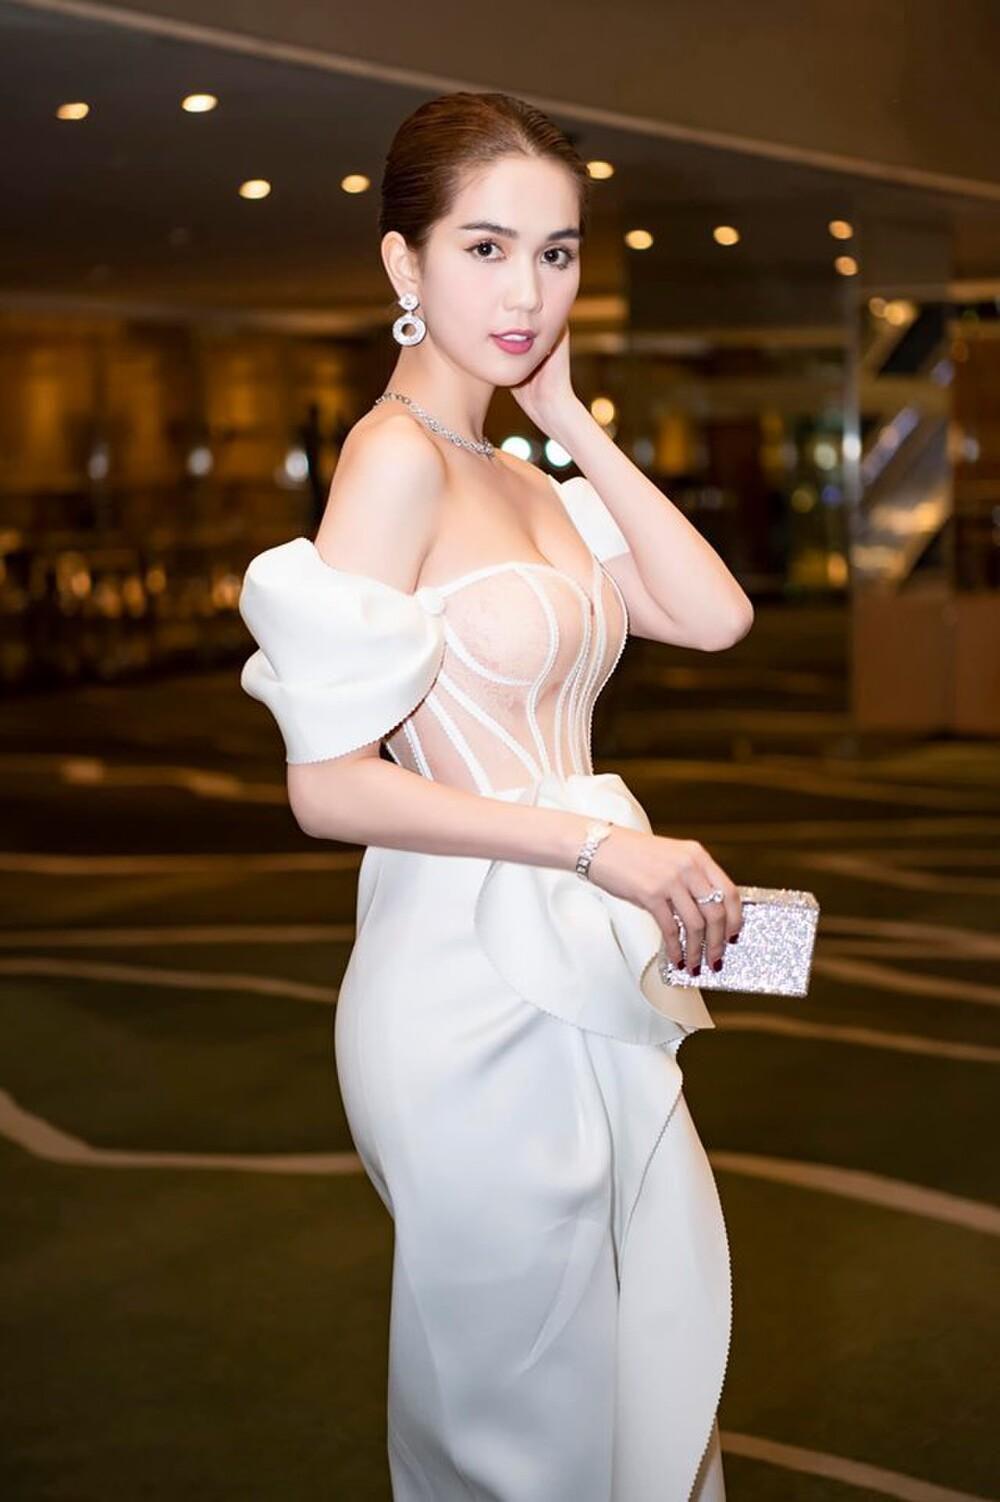 'Nữ hoàng nội y' Ngọc Trinh diện váy corset khoe body đồng hồ cát vạn người mê Ảnh 4